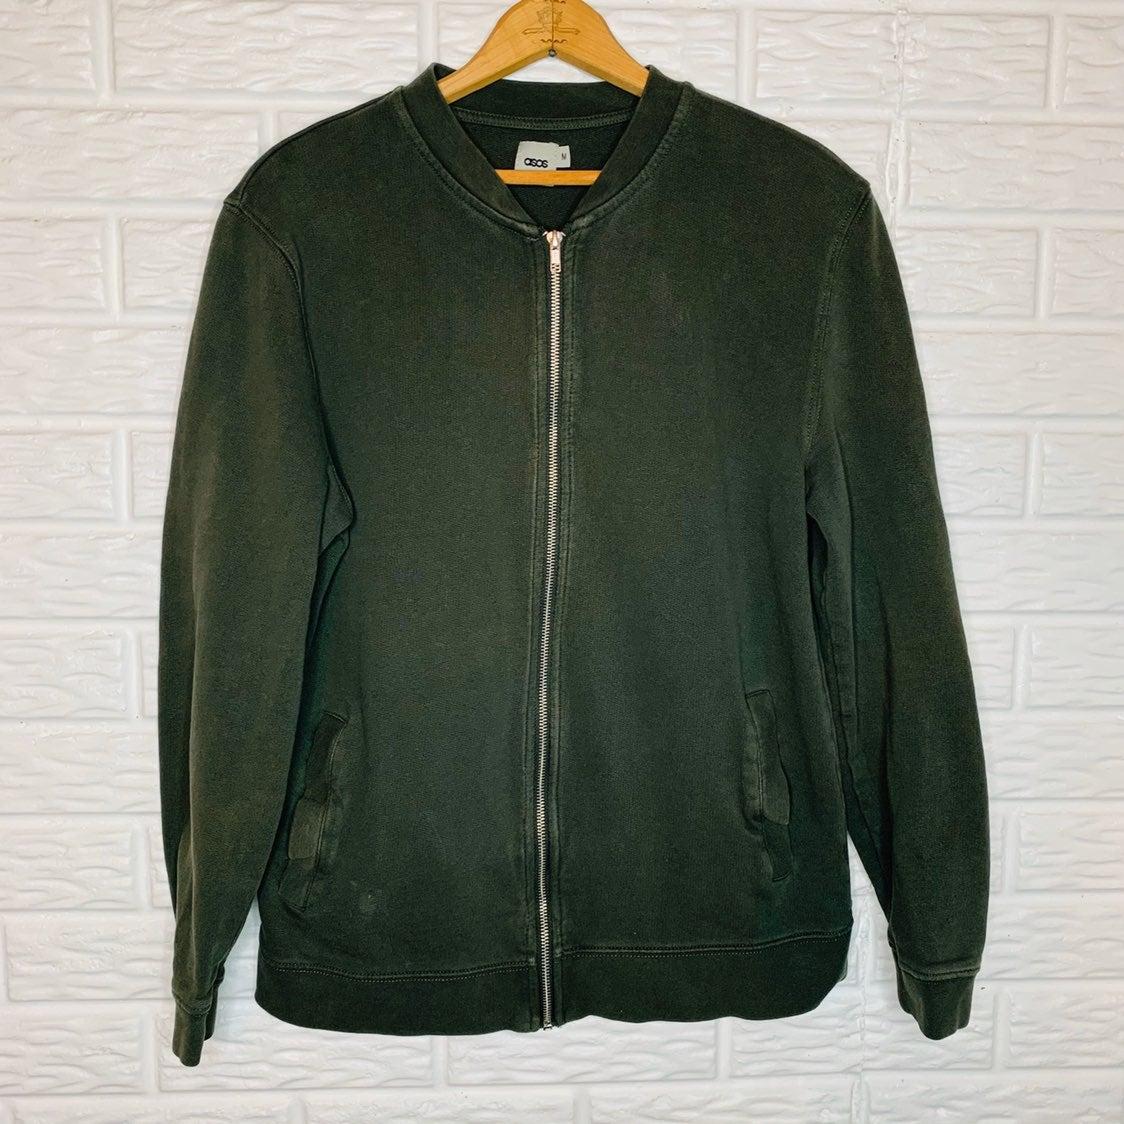 ASOS Men's Olive Green Bomber Jacket